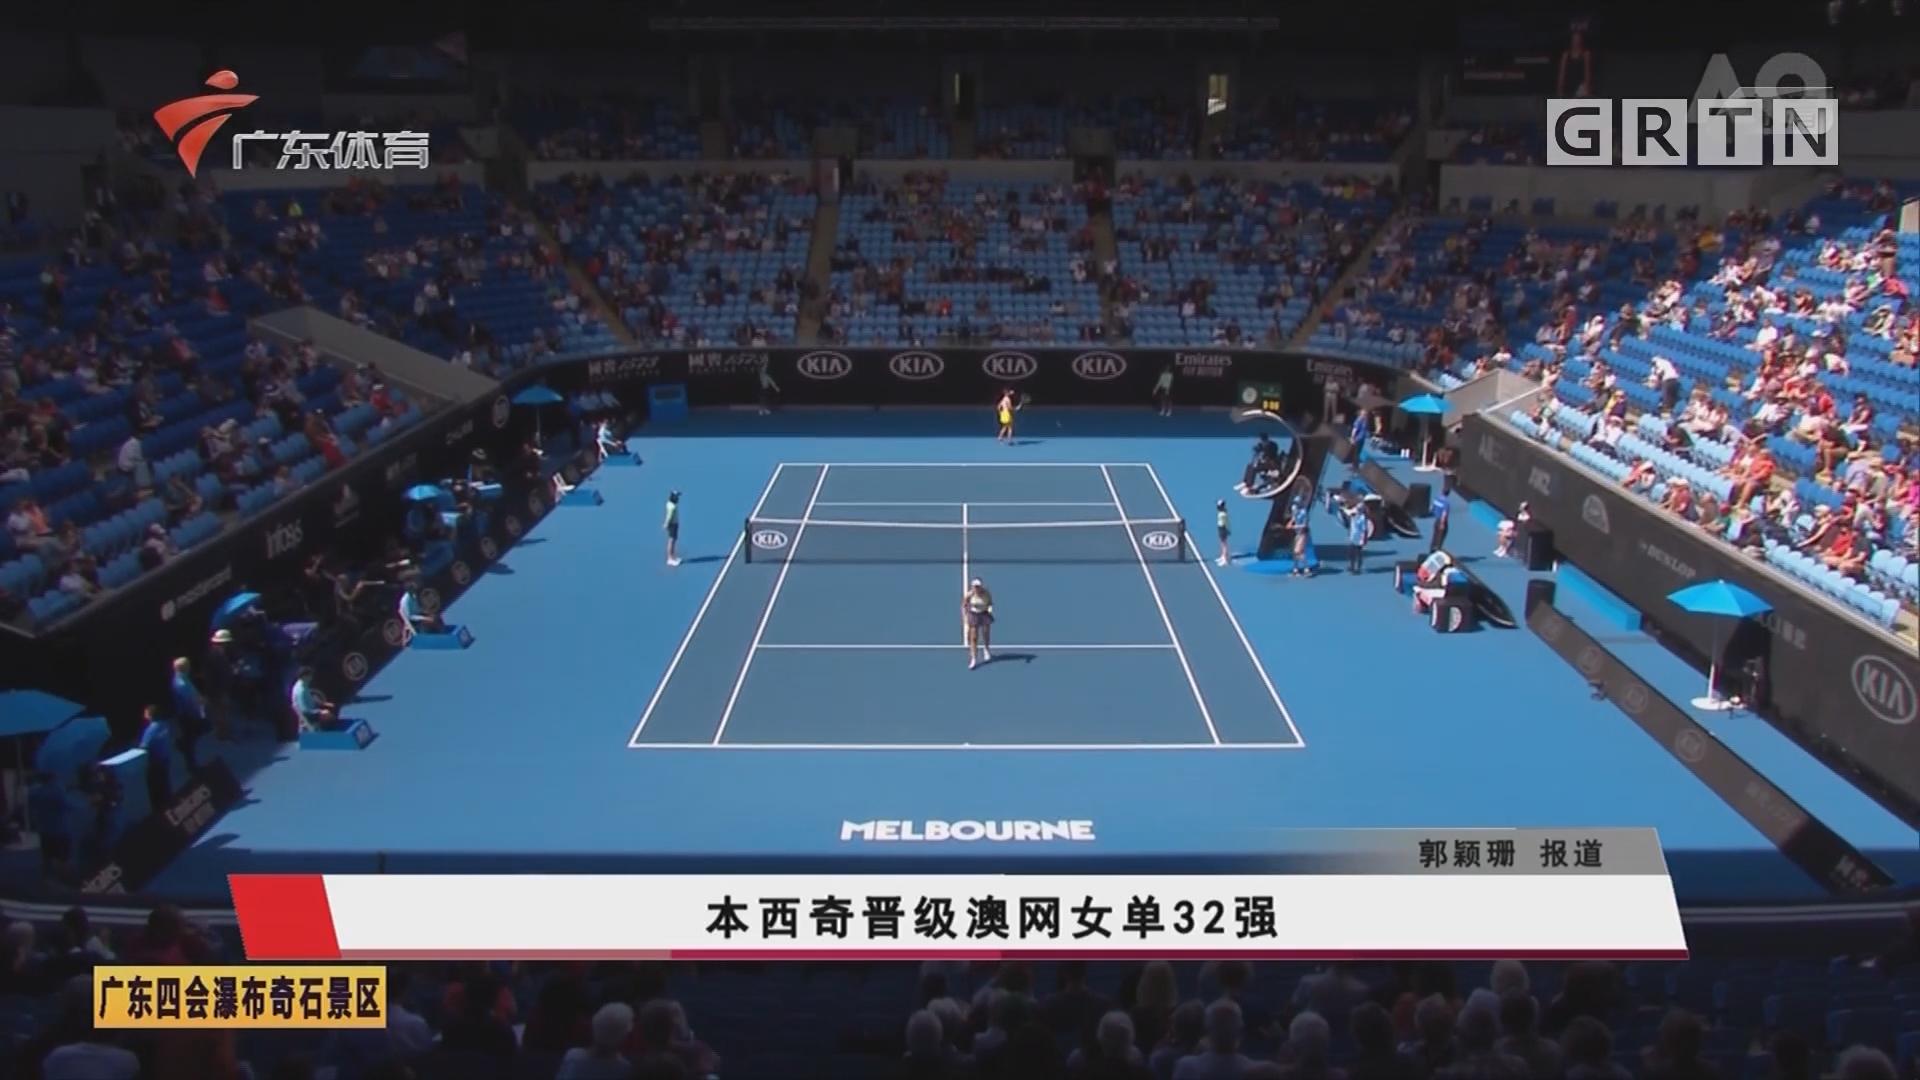 本西奇晋级澳网女单32强